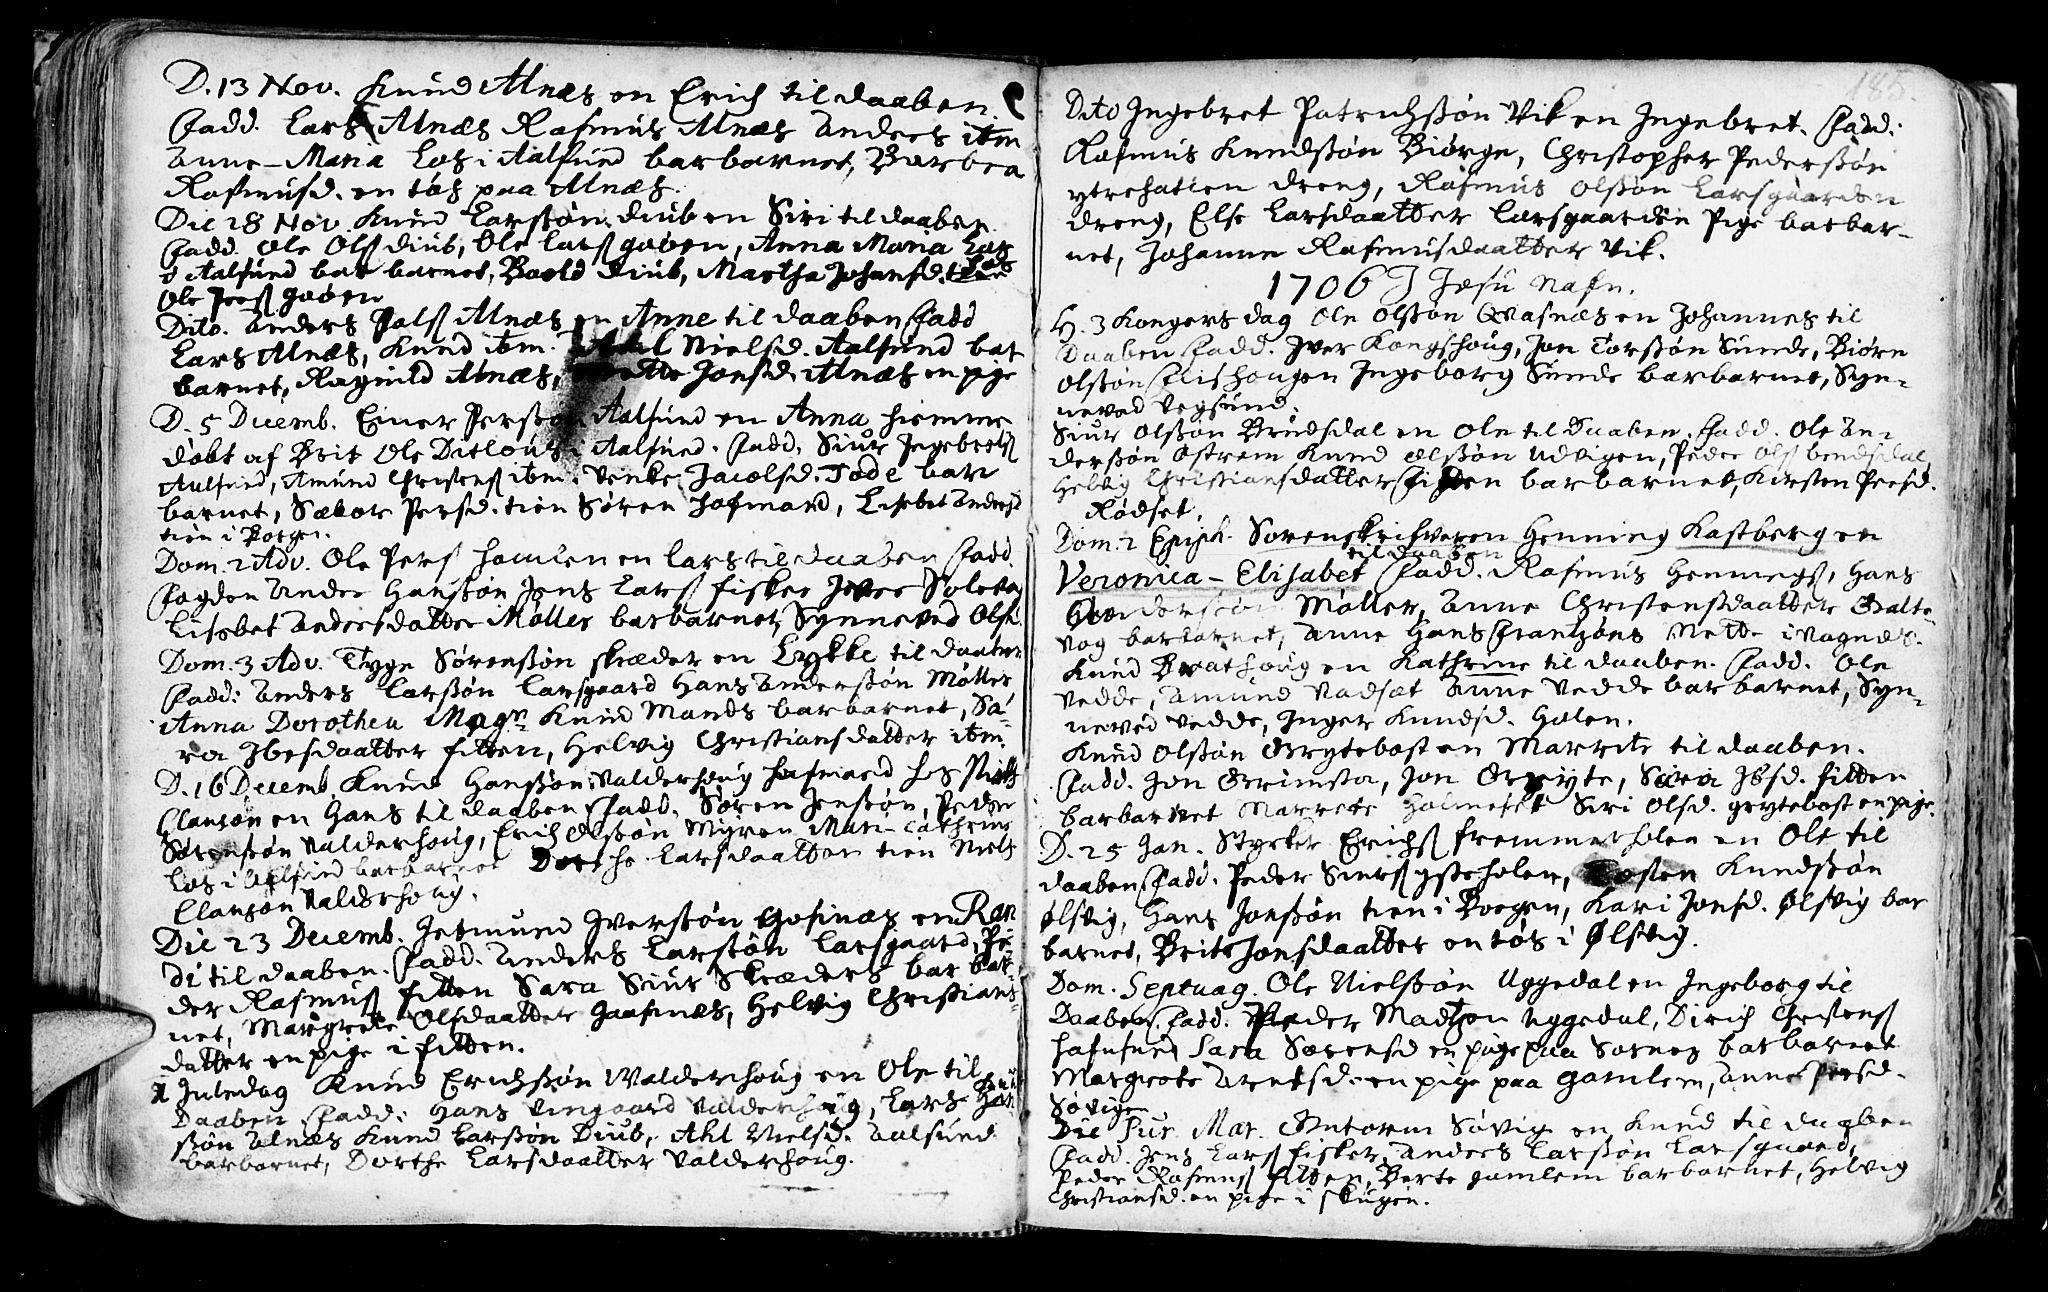 SAT, Ministerialprotokoller, klokkerbøker og fødselsregistre - Møre og Romsdal, 528/L0390: Ministerialbok nr. 528A01, 1698-1739, s. 184-185